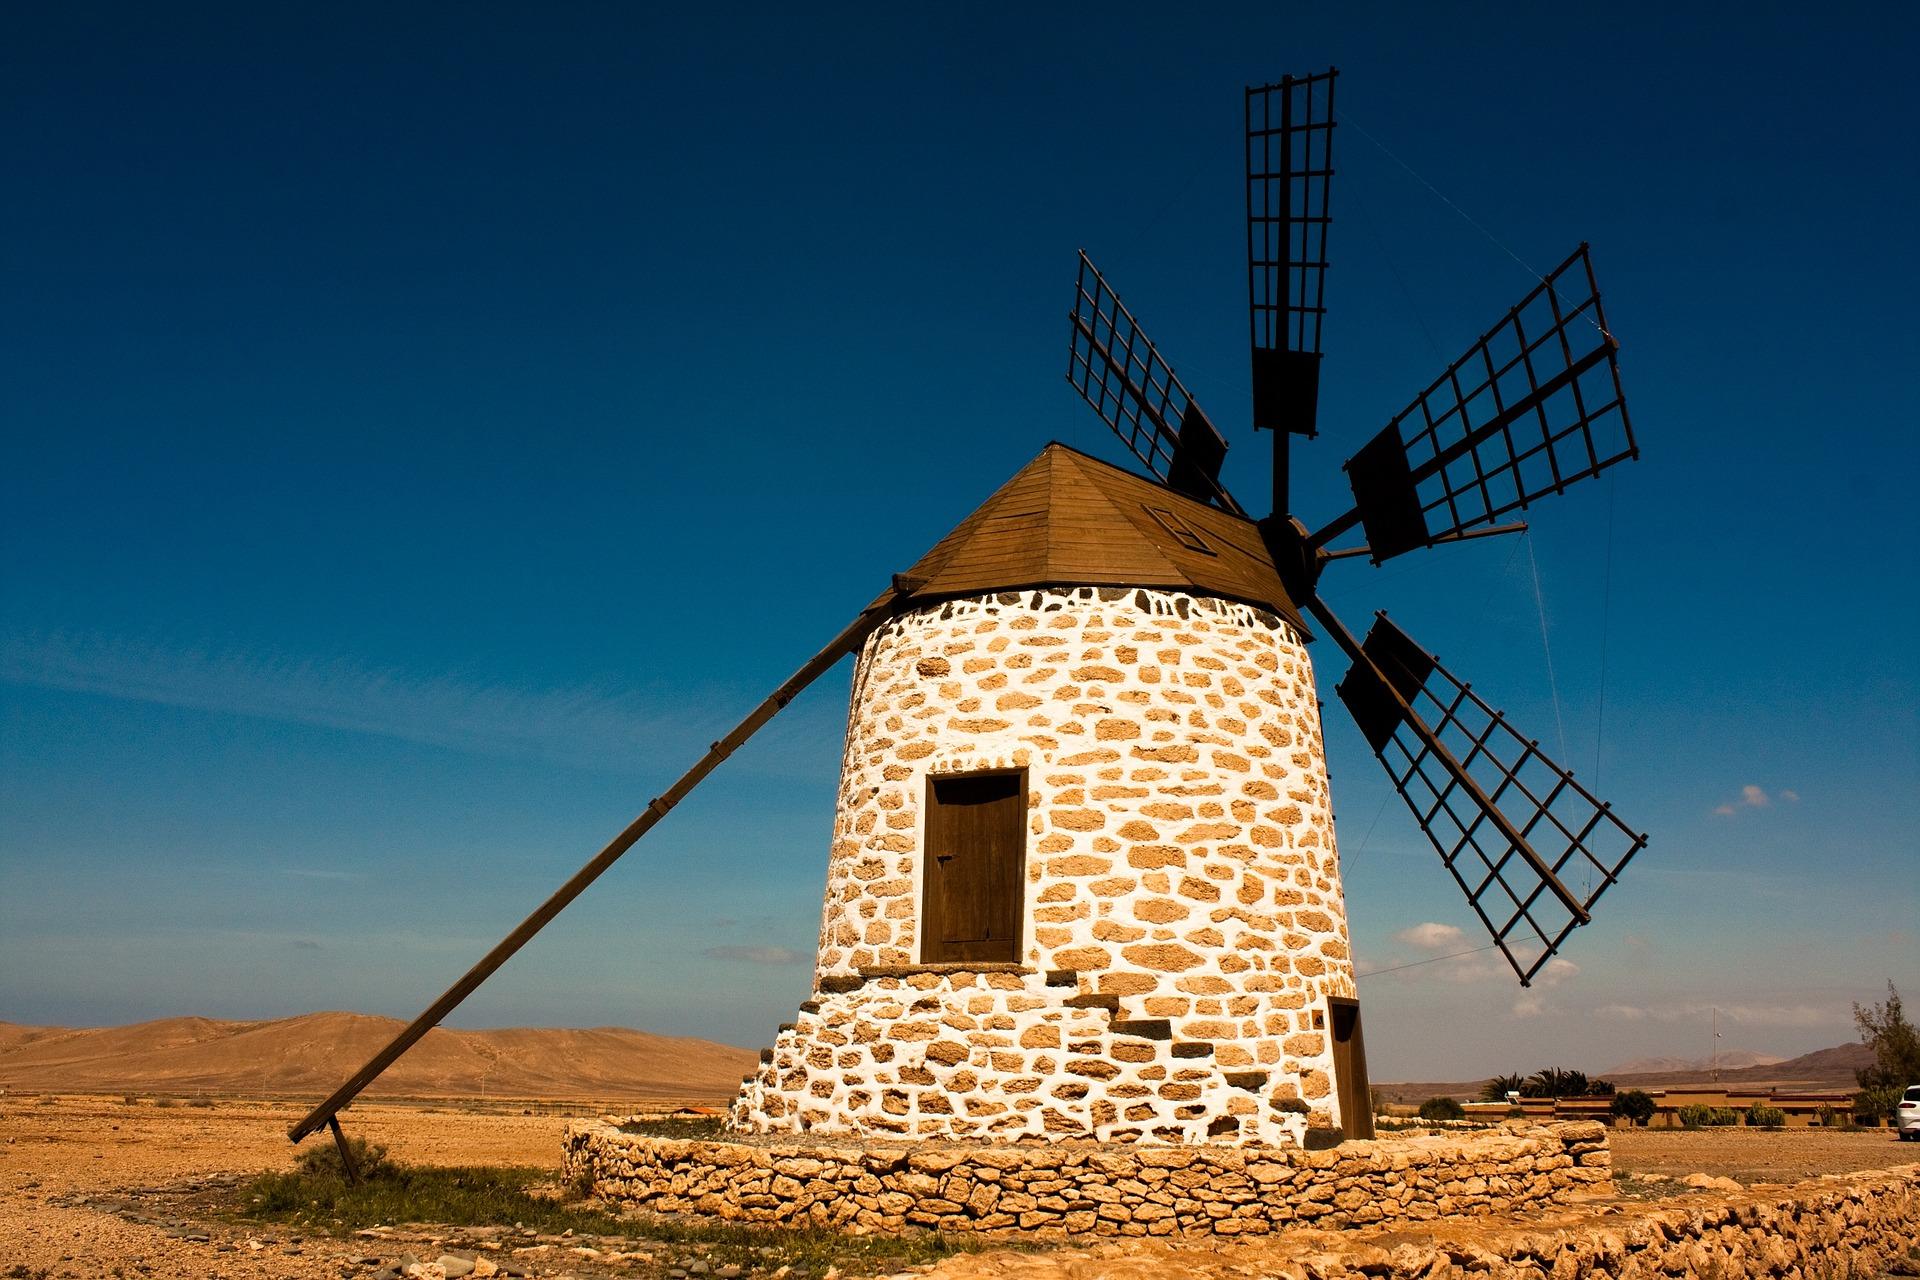 windmill-1456280_1920